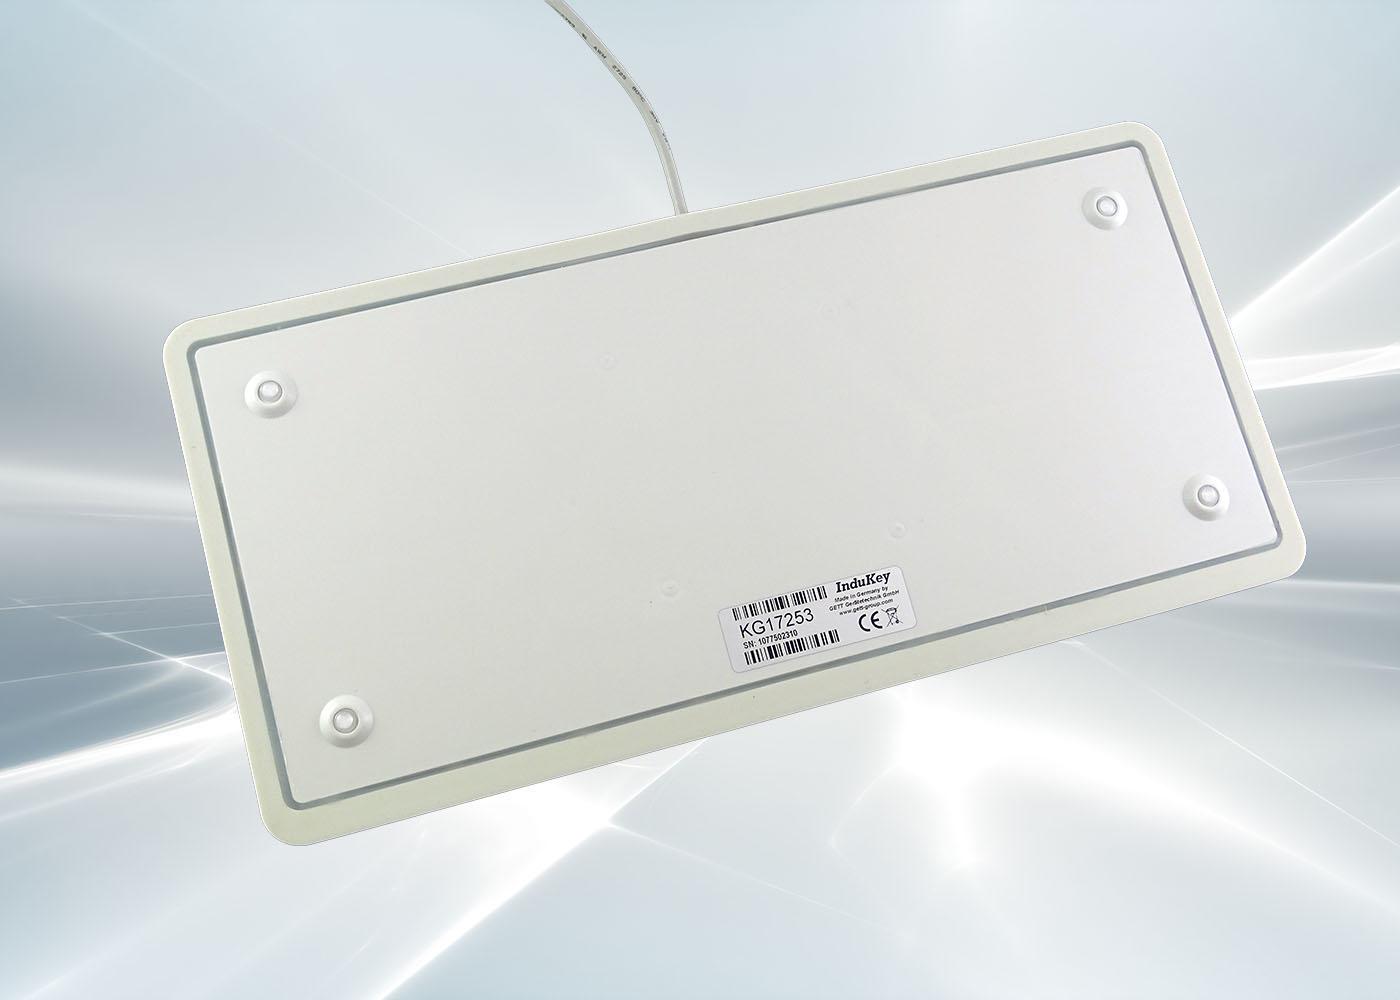 Clavier silicone lavable avec souris mouse button – Arrière